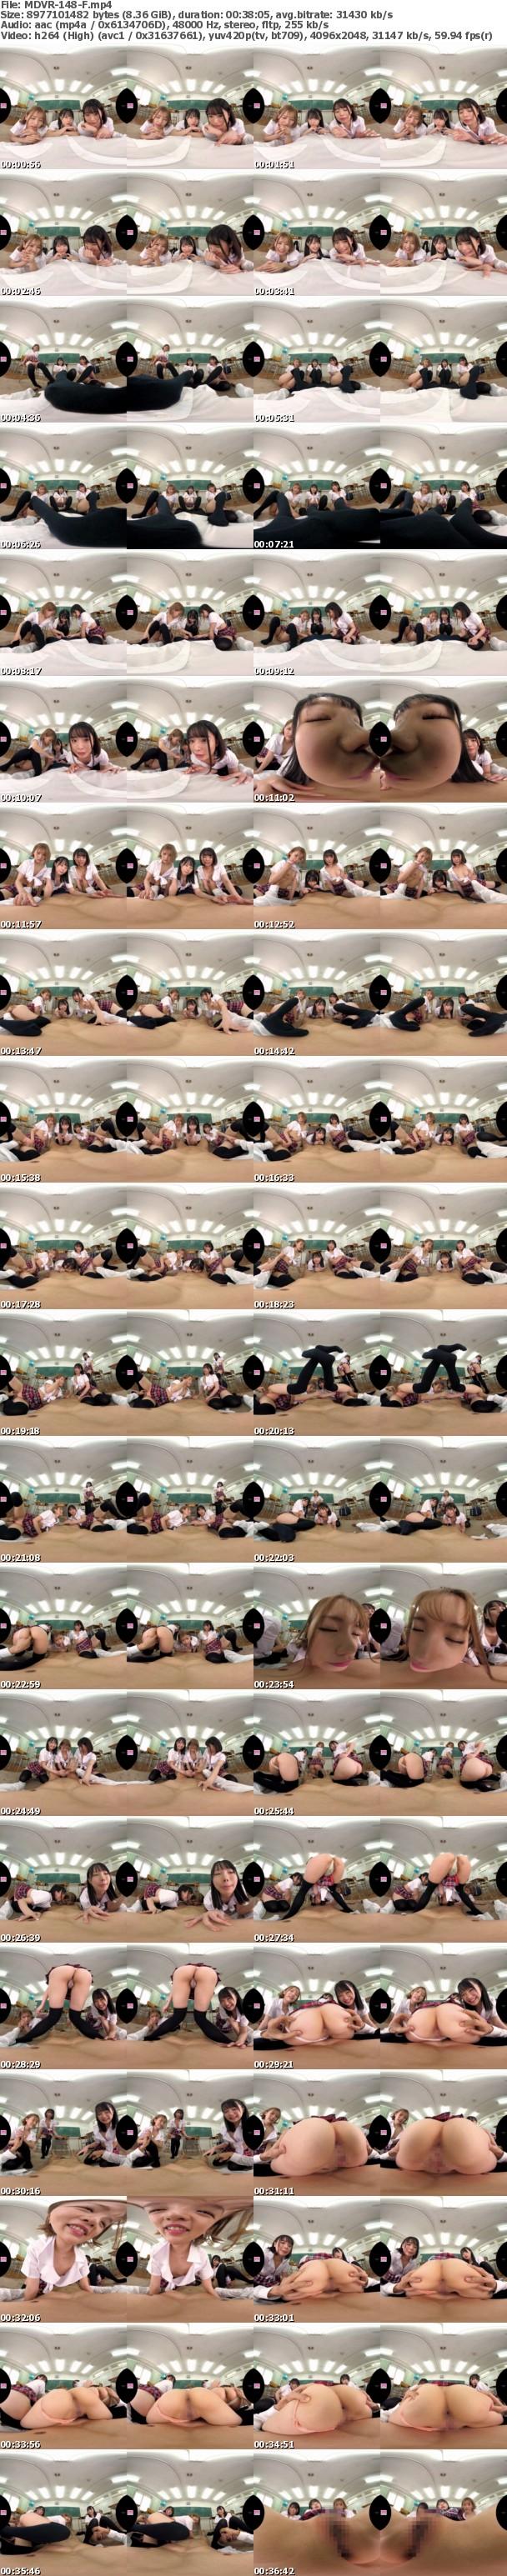 (VR) MDVR-148 ミニスカニーハイハイスクールVR!! 絶対領域とパンチラでクラスメイトからモテまくりヤリまくり学園天国!!